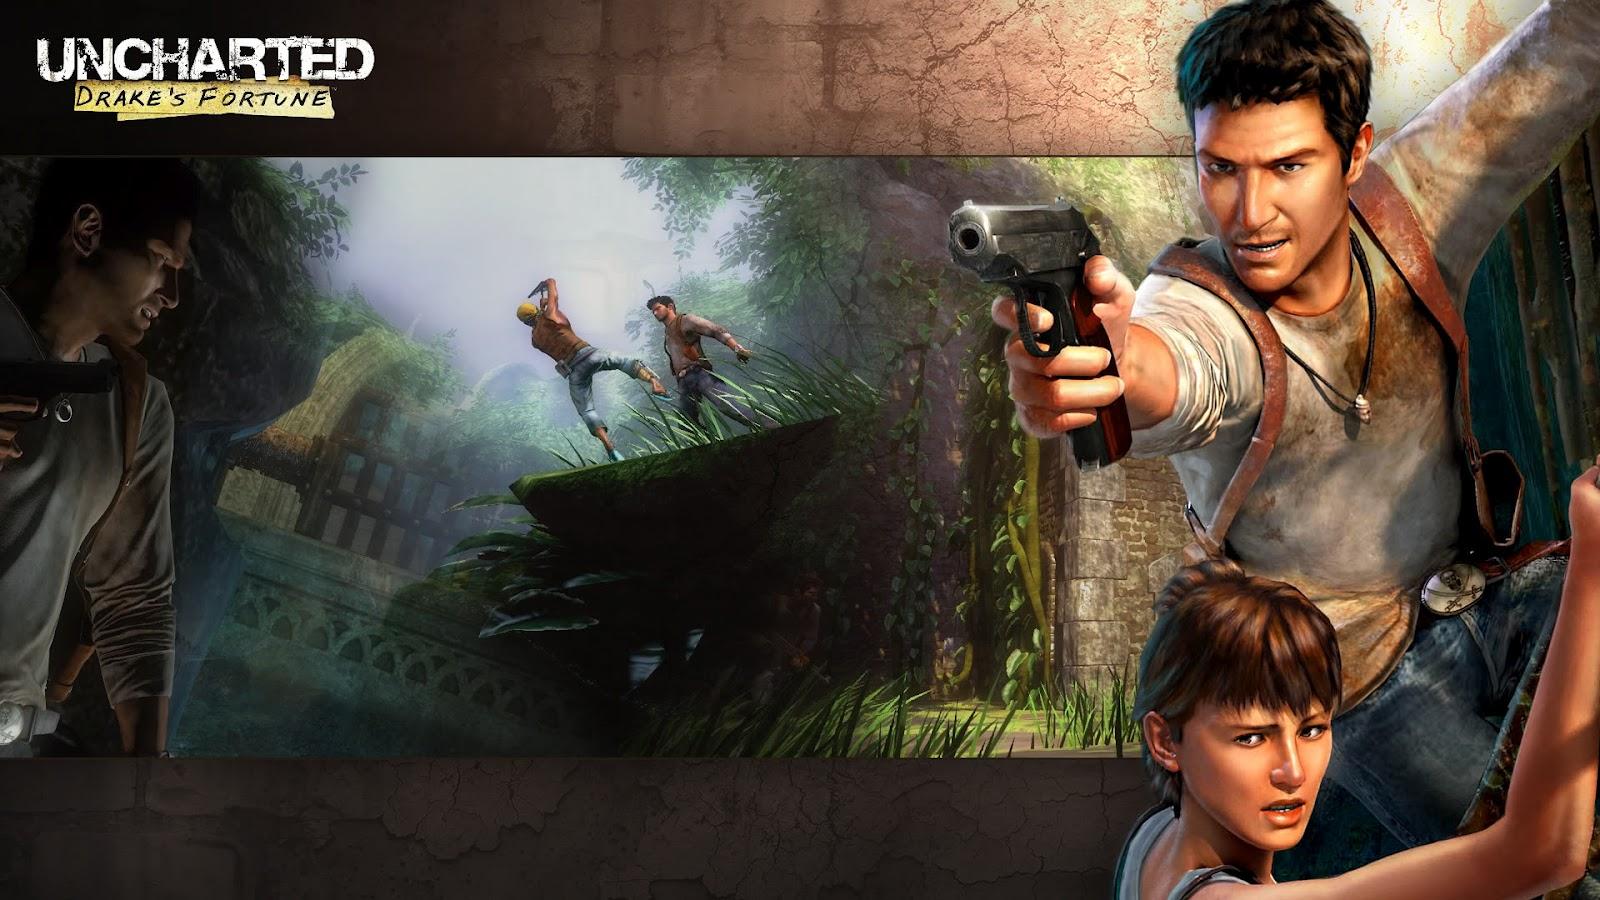 Uncharted1wallpapers4 Uncharted 1 Wallpapers In HD 1080p 1600x900